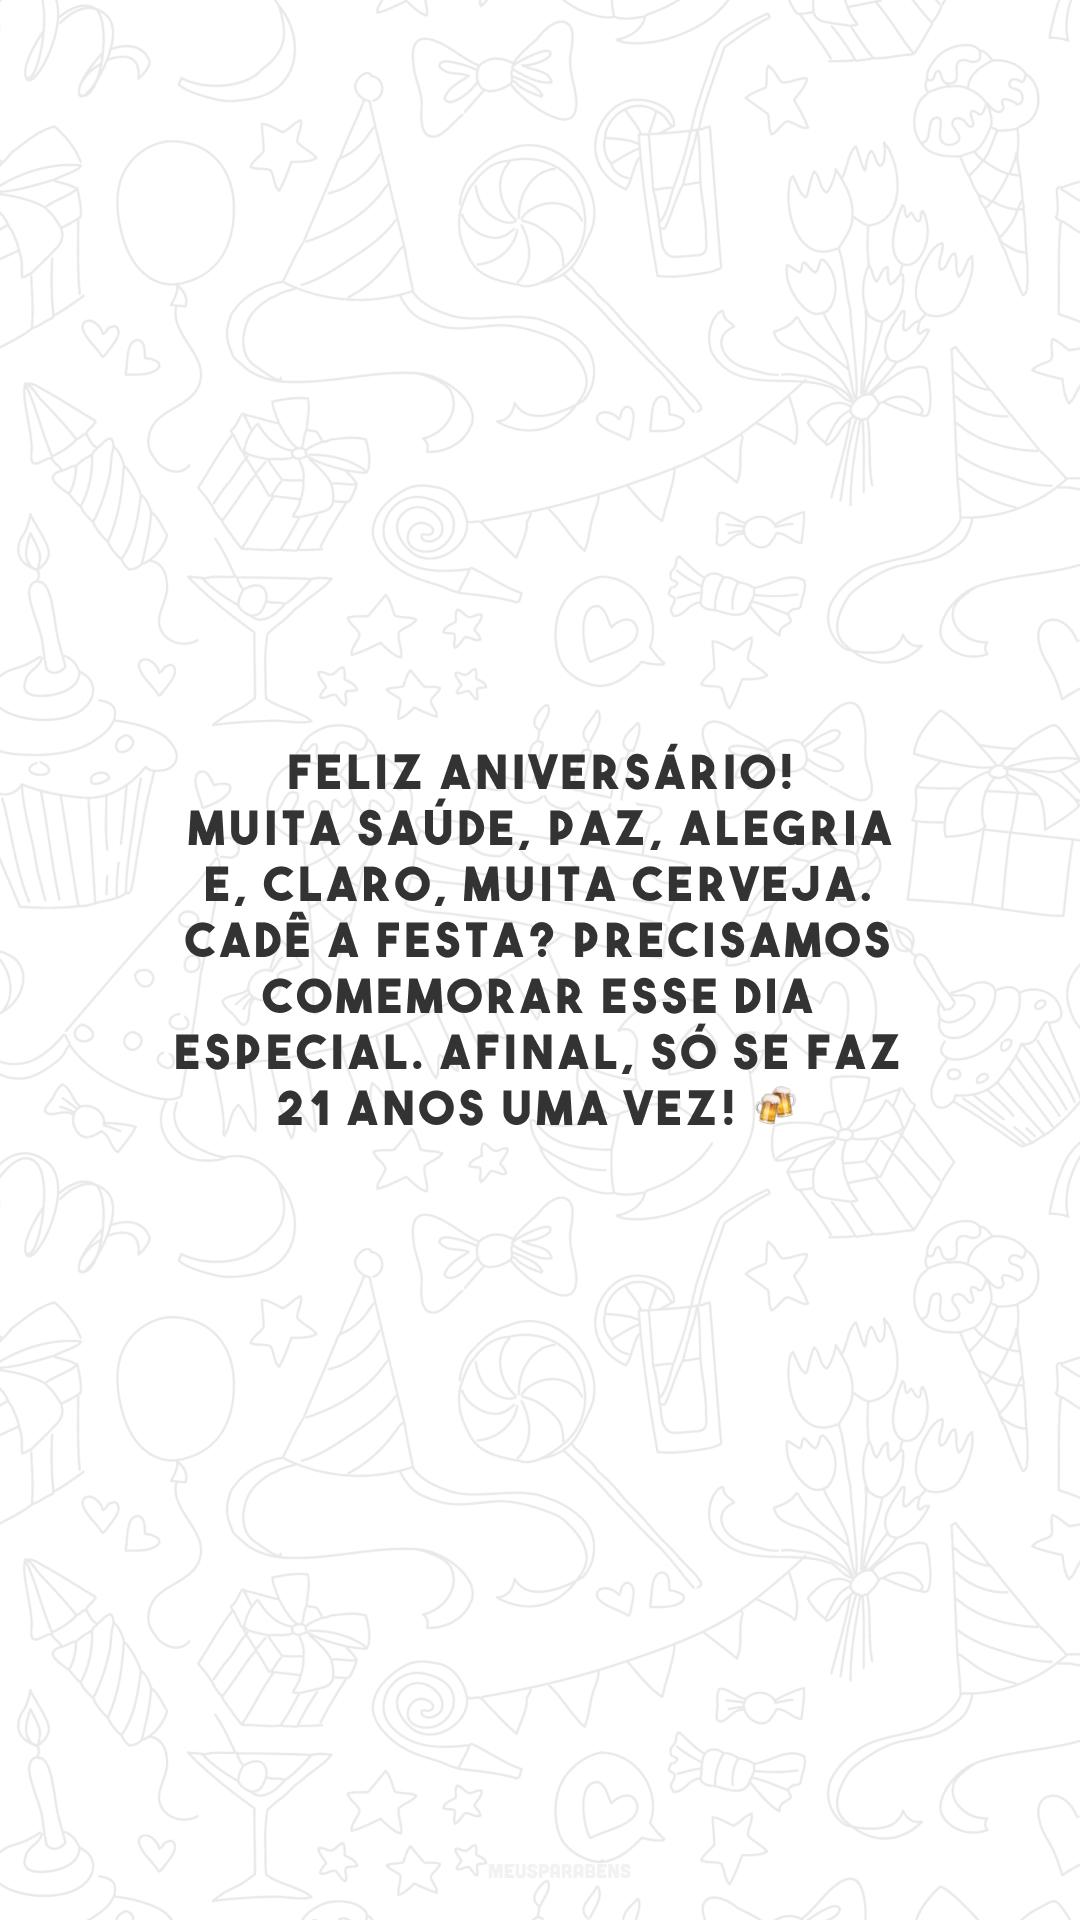 Feliz aniversário! Muita saúde, paz, alegria e, claro, muita cerveja. Cadê a festa? Precisamos comemorar esse dia especial. Afinal, só se faz 21 anos uma vez! 🍻